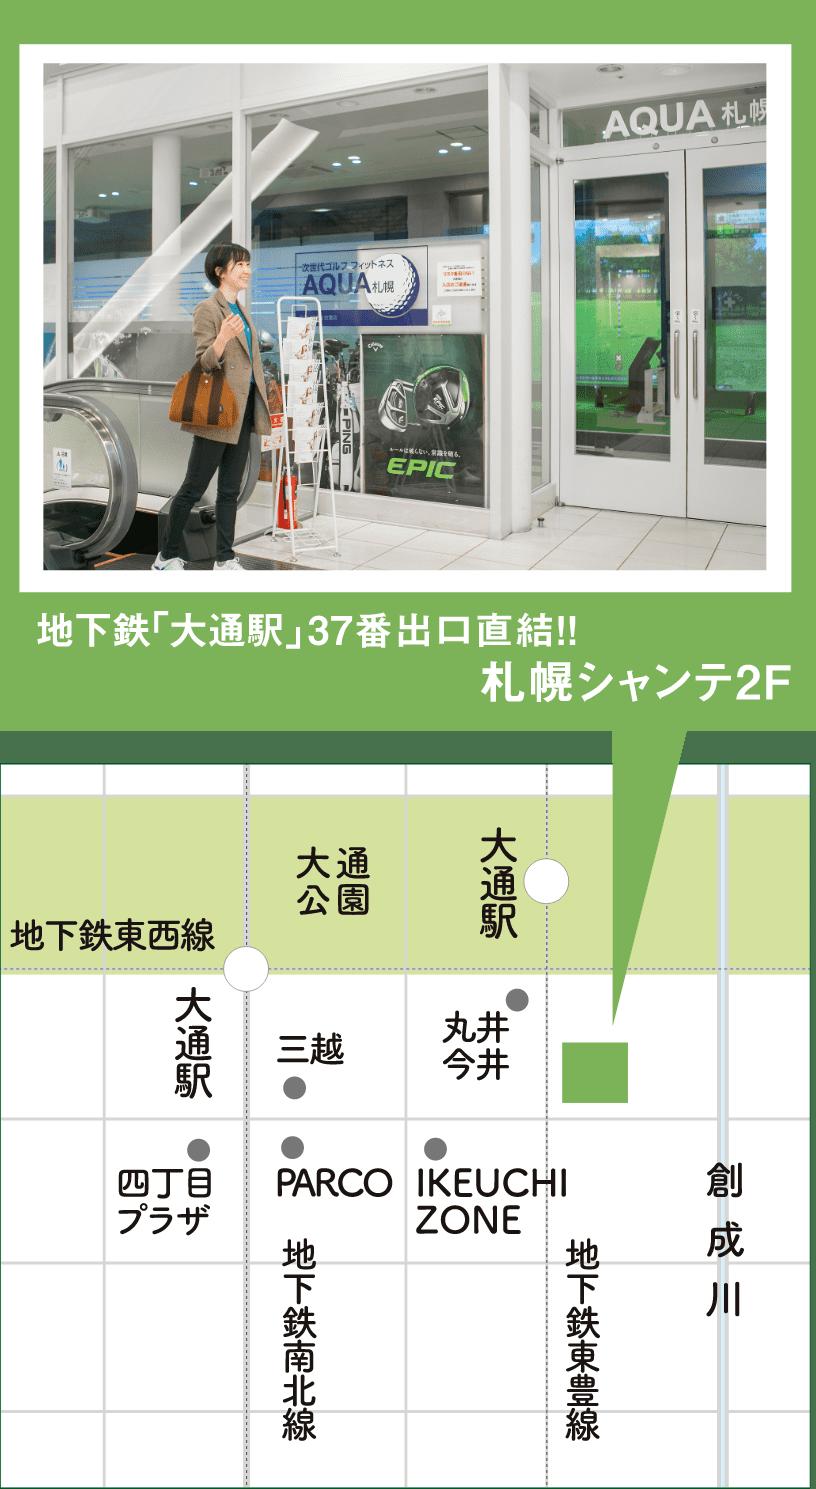 アクア札幌地図